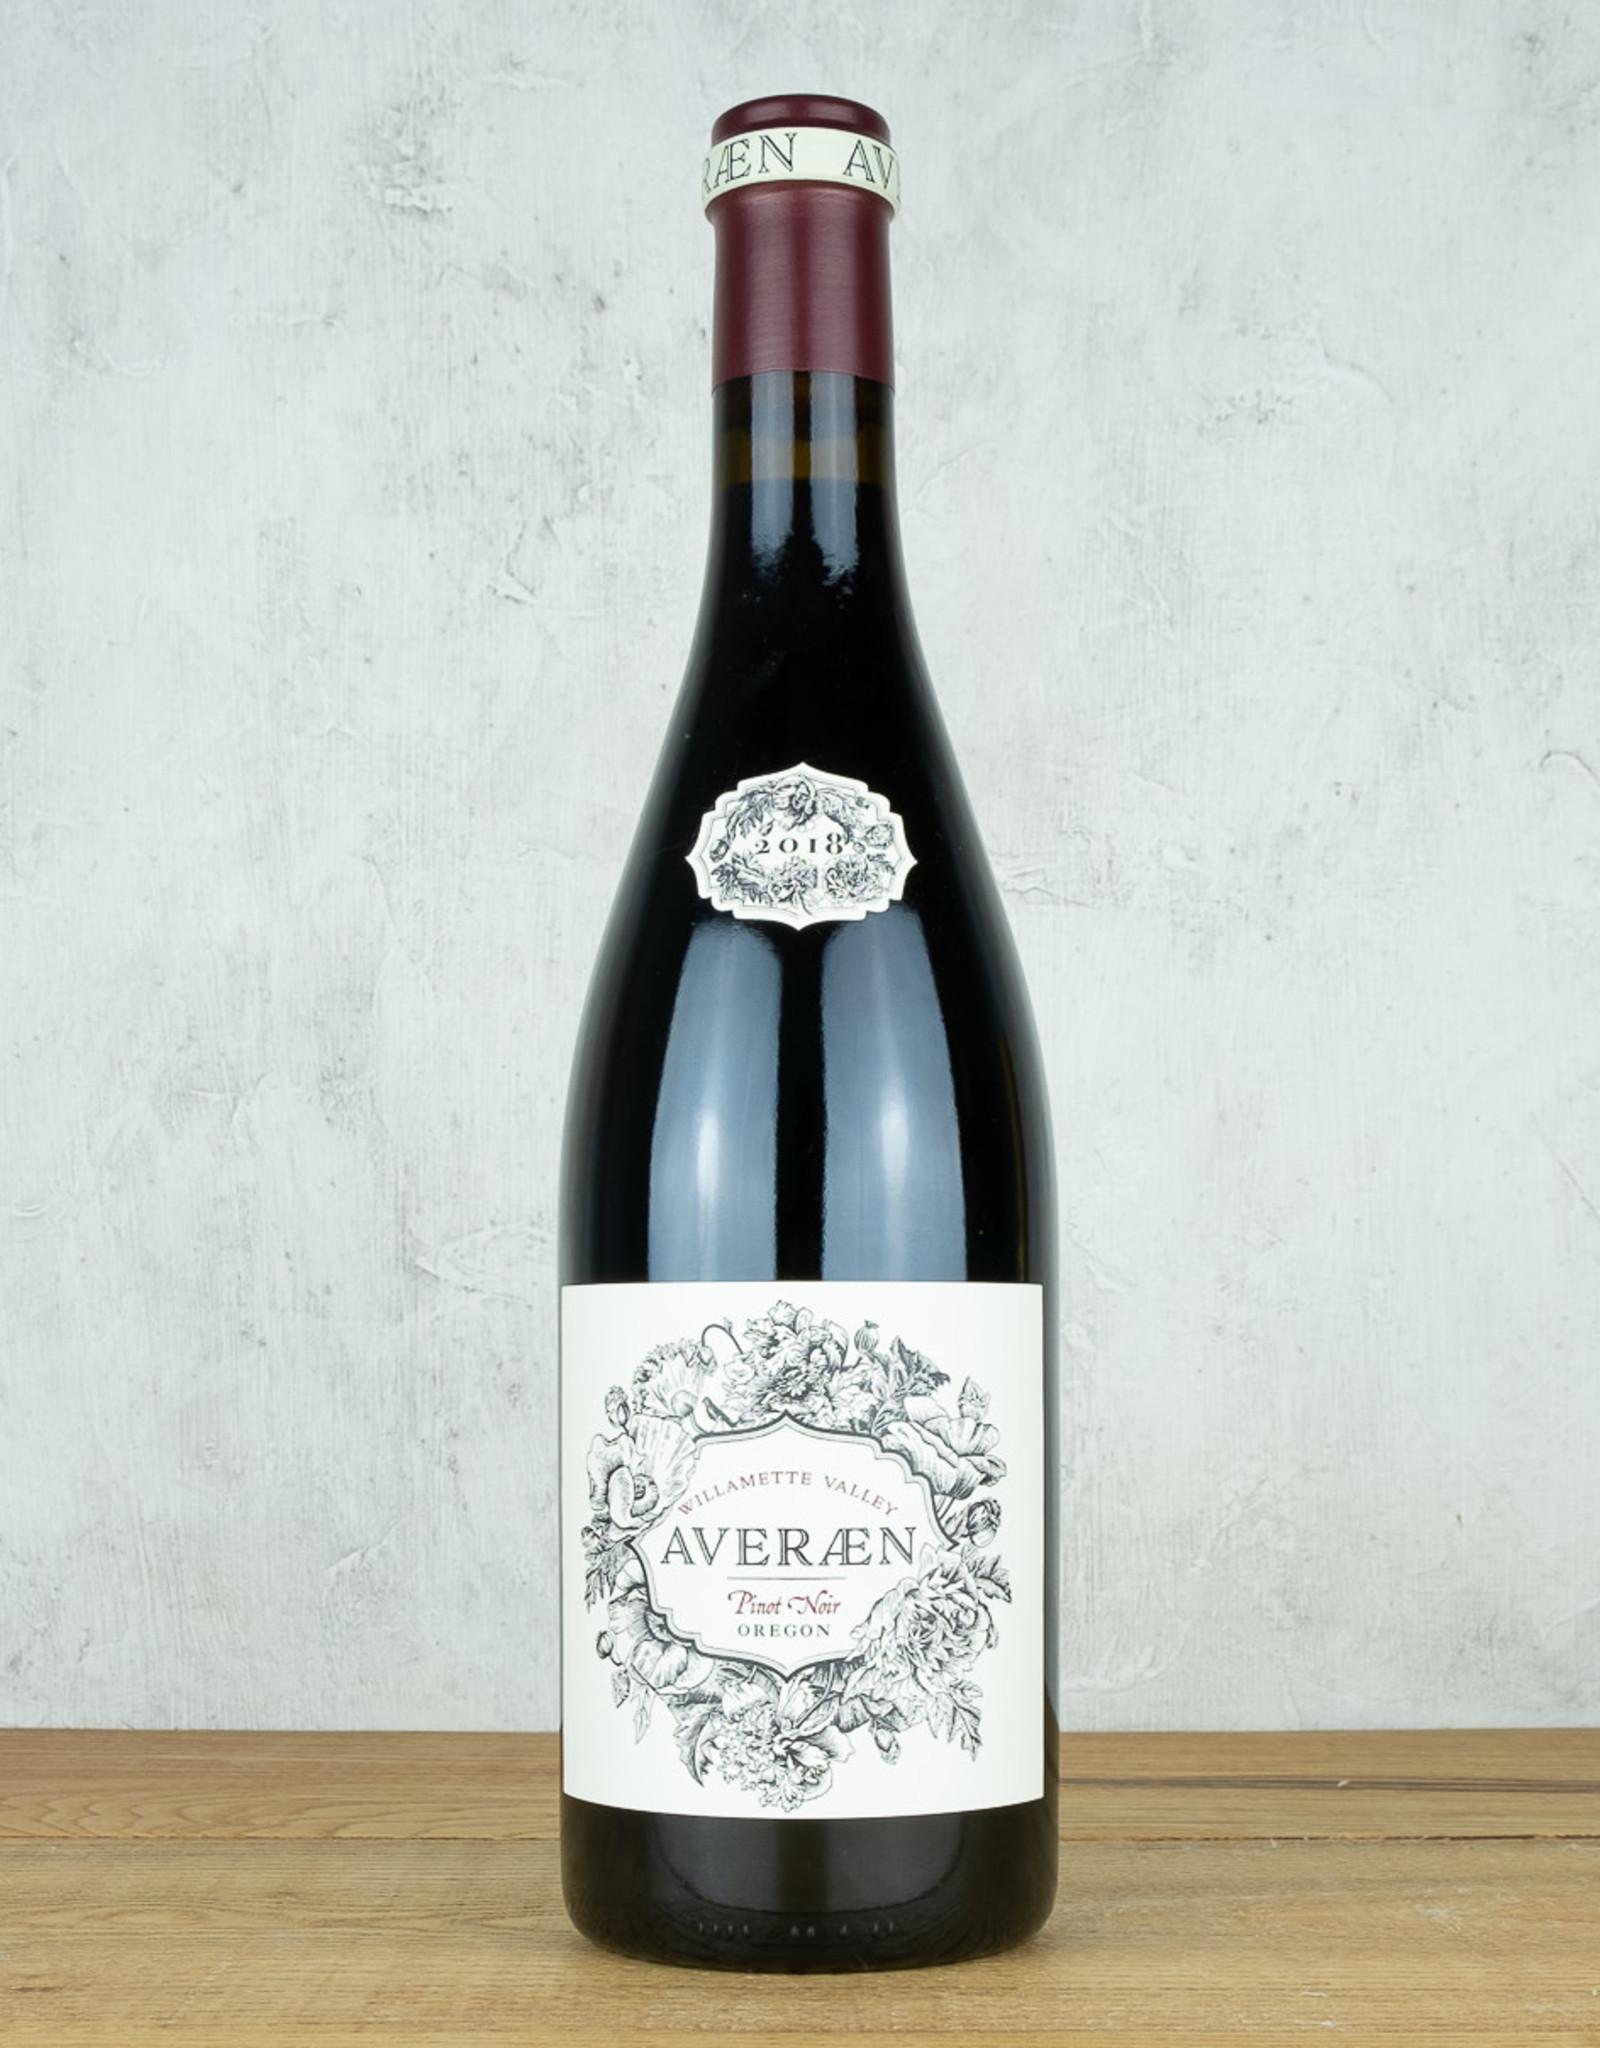 Averaen Pinot Noir